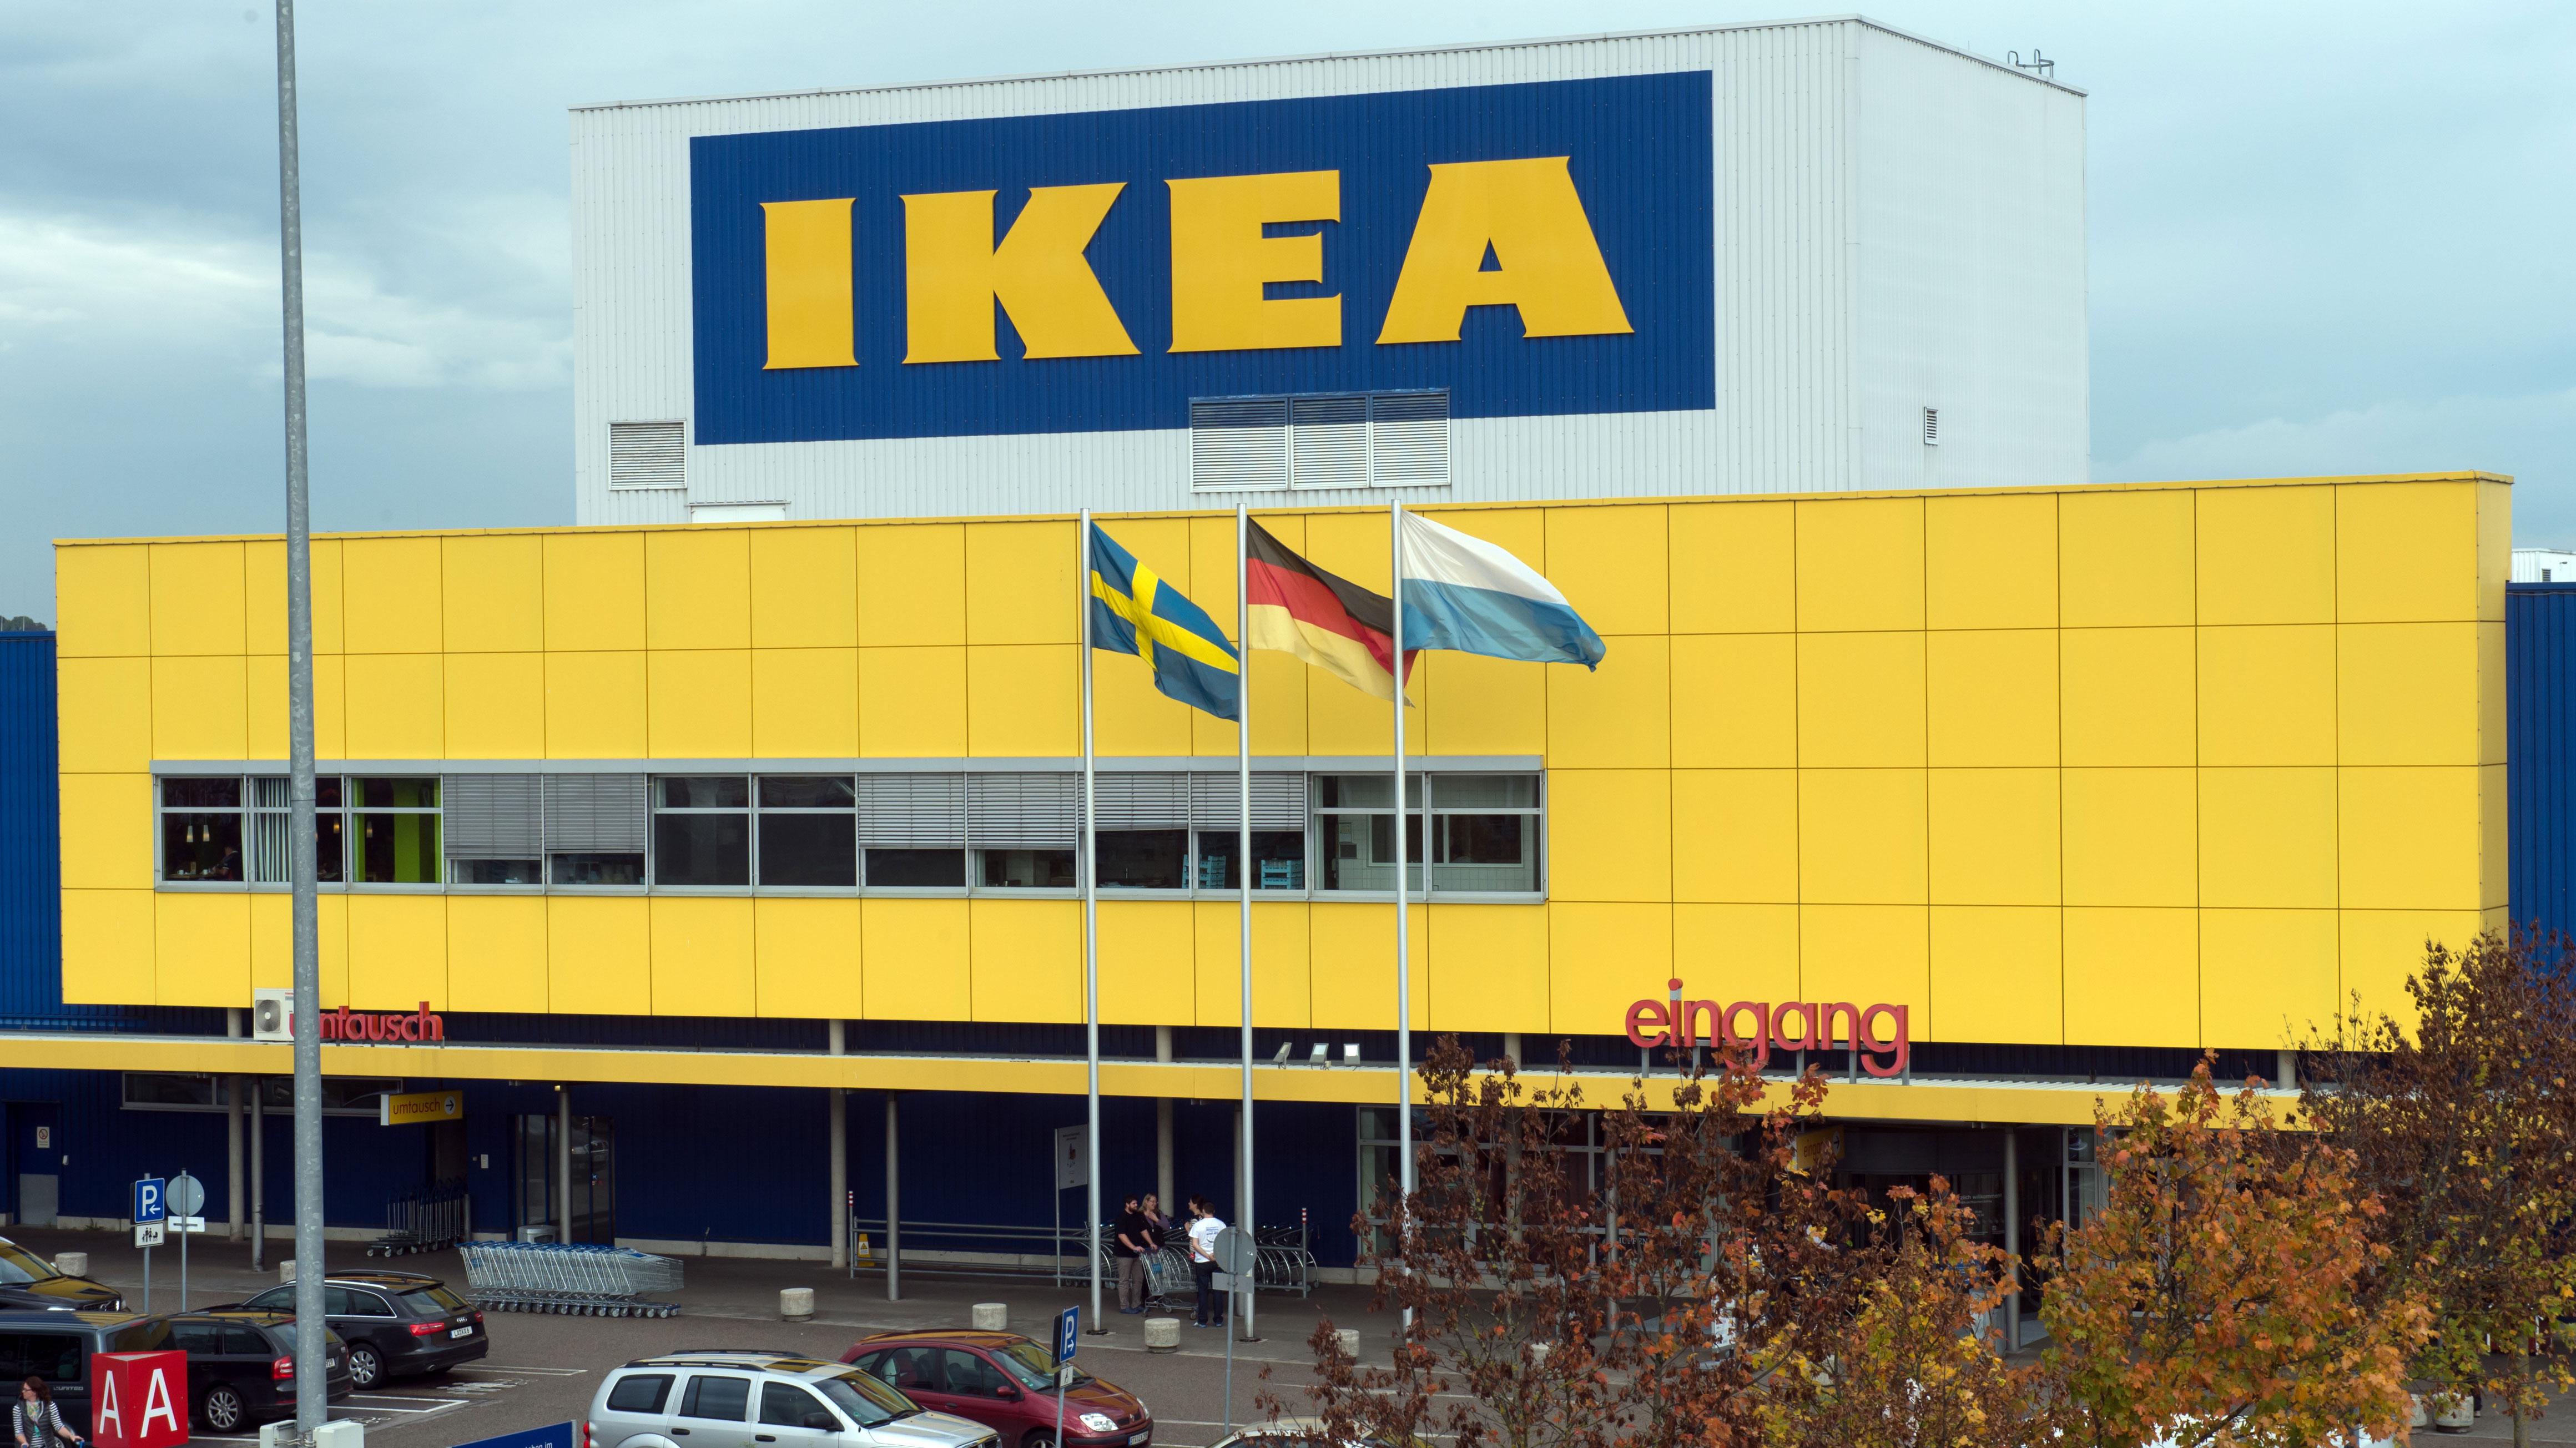 ikea das erste begehbare wohnmagazin deutschlands ist da. Black Bedroom Furniture Sets. Home Design Ideas